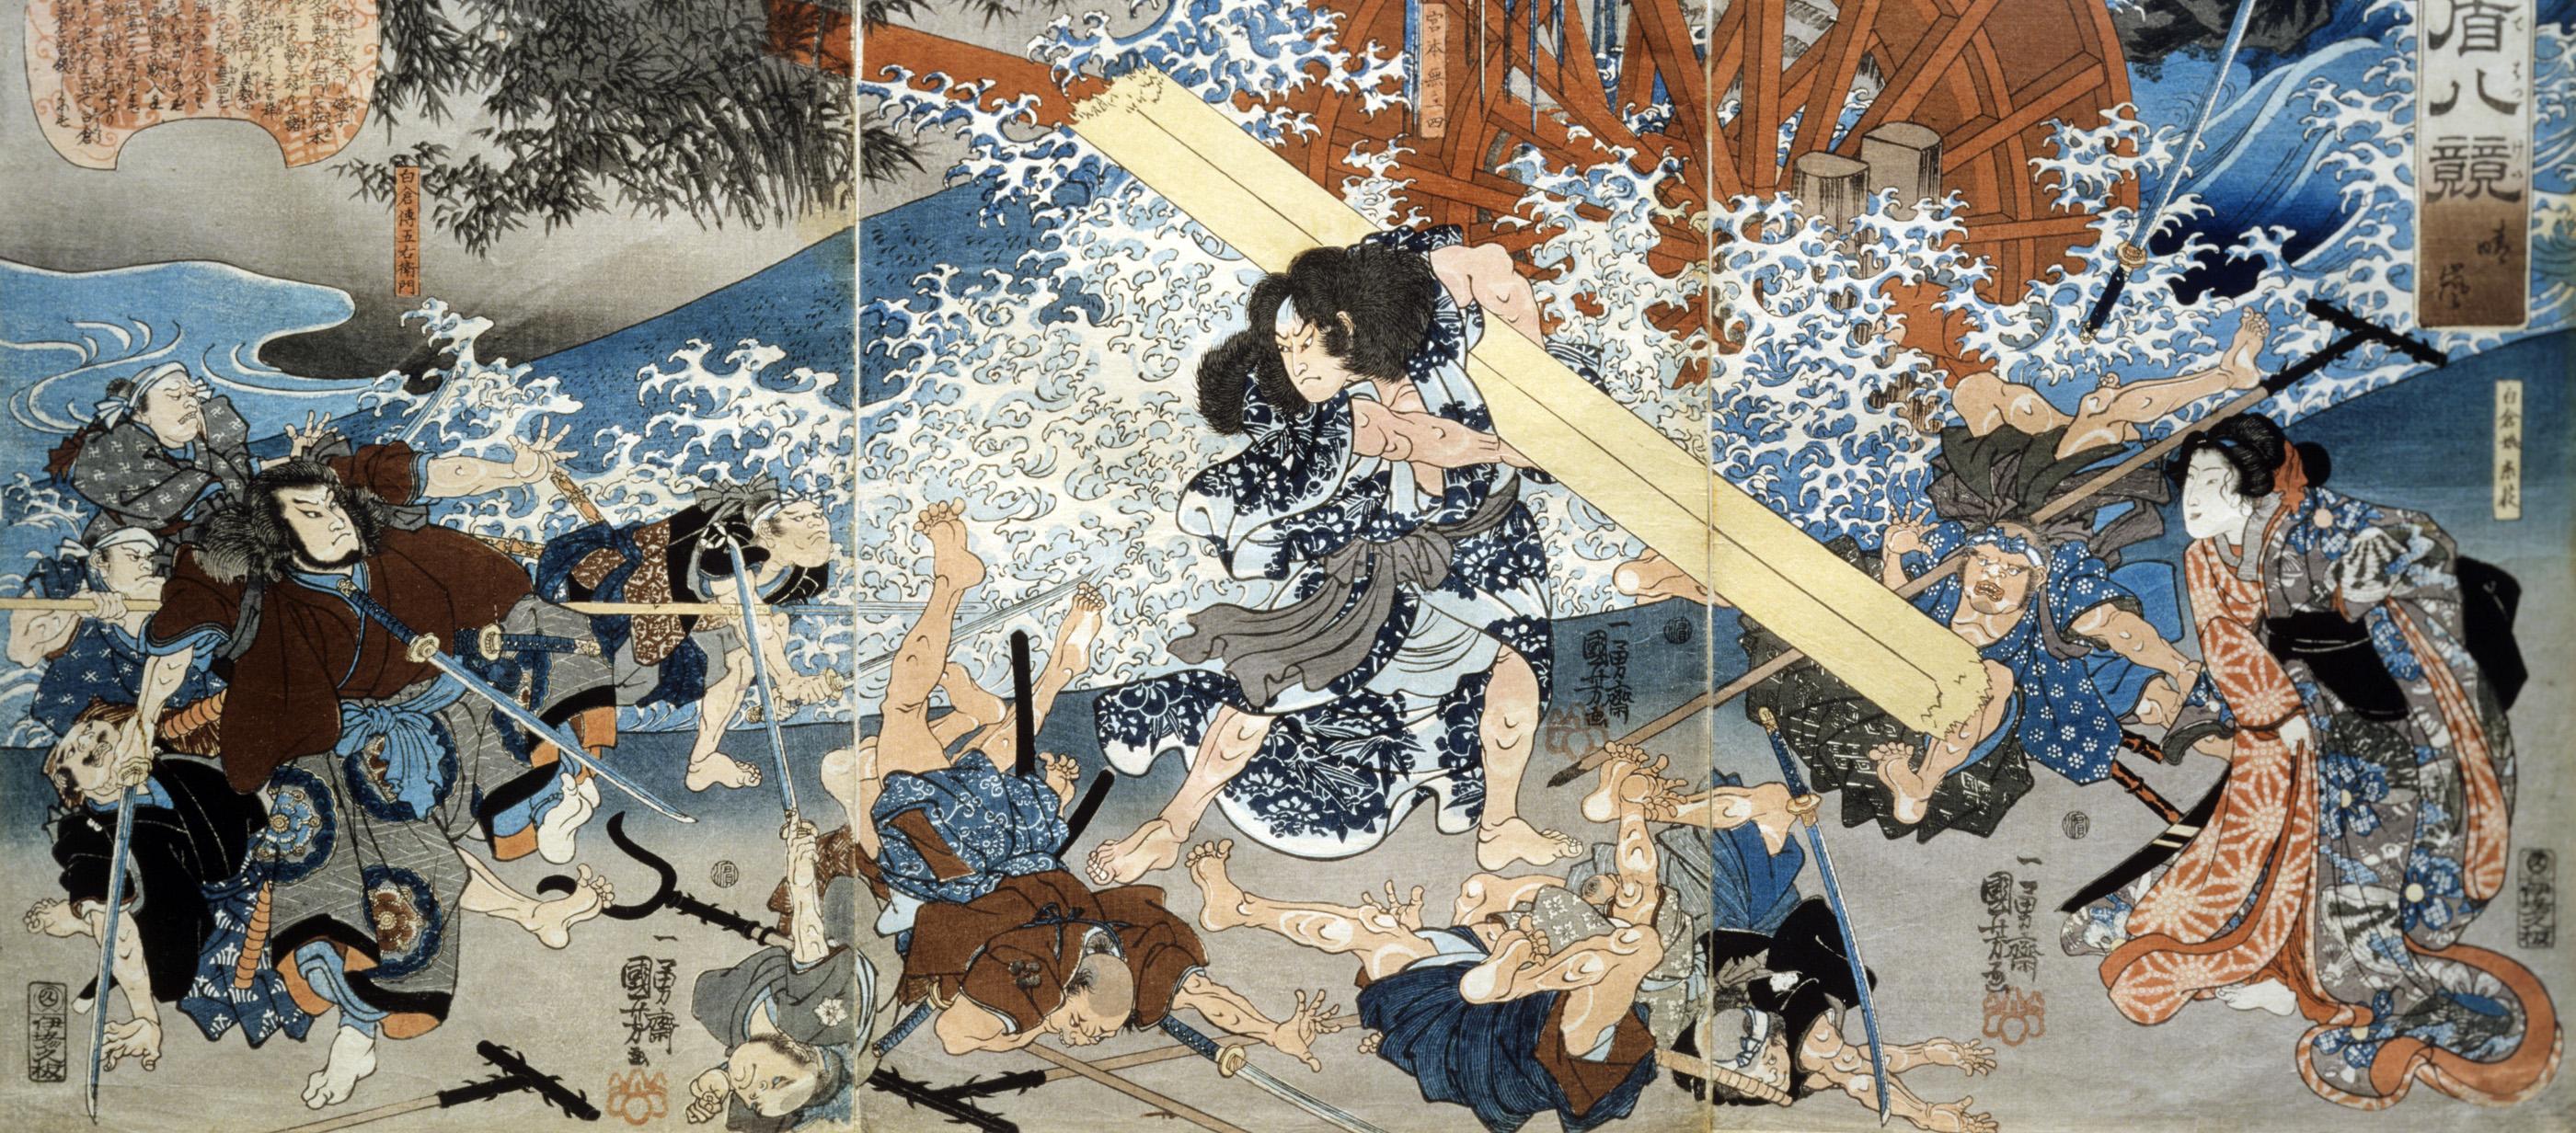 Мусаси крушит врагов, изображение 1838 г.  Источник: laphamsquarterly.org